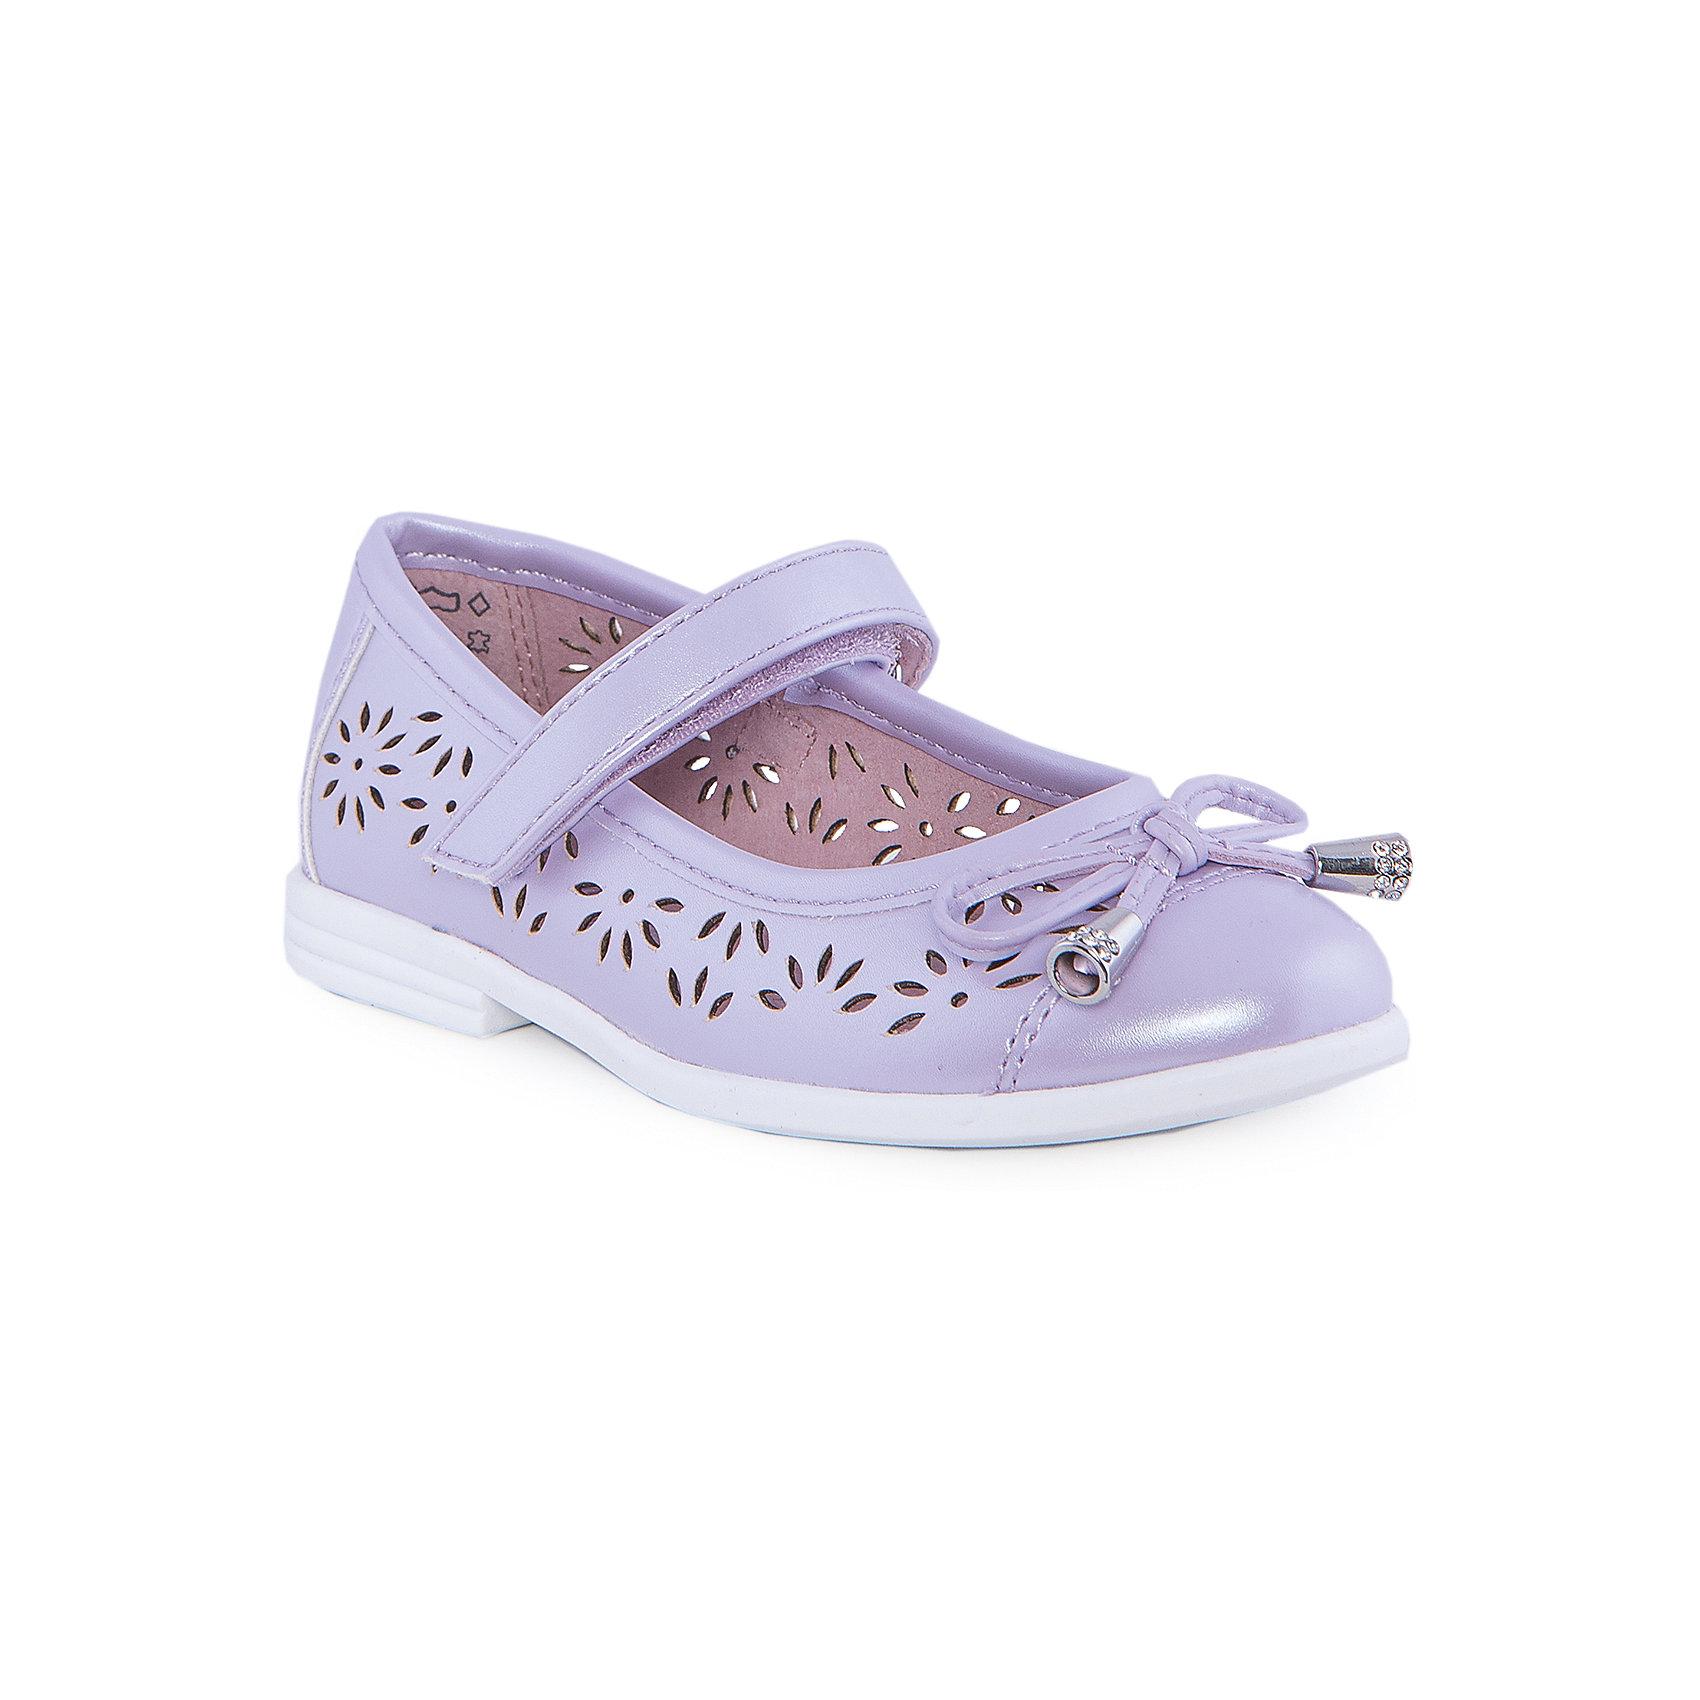 Туфли для девочки КотофейОбувь<br>Туфли для девочки от известного российского бренда Котофей <br><br>Удобные туфли выполнены в красивом сиреневом цвете, украшены перфорацией. <br>Модель легко надевается. Удобная подошва позволяет избегать скольжения практически на любой поверхности.<br><br>Особенности модели:<br><br>- цвет: сиреневый;<br>- тонкая гибкая подошва;<br>- застежка: липучка;<br>- вид крепления обуви: клеевой;<br>- качественные материалы;<br>- декорированы вырубленным узором и бантом;<br>- хорошее облегание.<br><br>Дополнительная информация:<br><br>Состав: <br><br>верх - искусственная кожа;<br>подошва - ТЭП.<br><br>Туфли для девочки Котофей можно купить в нашем магазине.<br><br>Ширина мм: 227<br>Глубина мм: 145<br>Высота мм: 124<br>Вес г: 325<br>Цвет: фиолетовый<br>Возраст от месяцев: 24<br>Возраст до месяцев: 36<br>Пол: Женский<br>Возраст: Детский<br>Размер: 26,27,25,28,29<br>SKU: 4565845